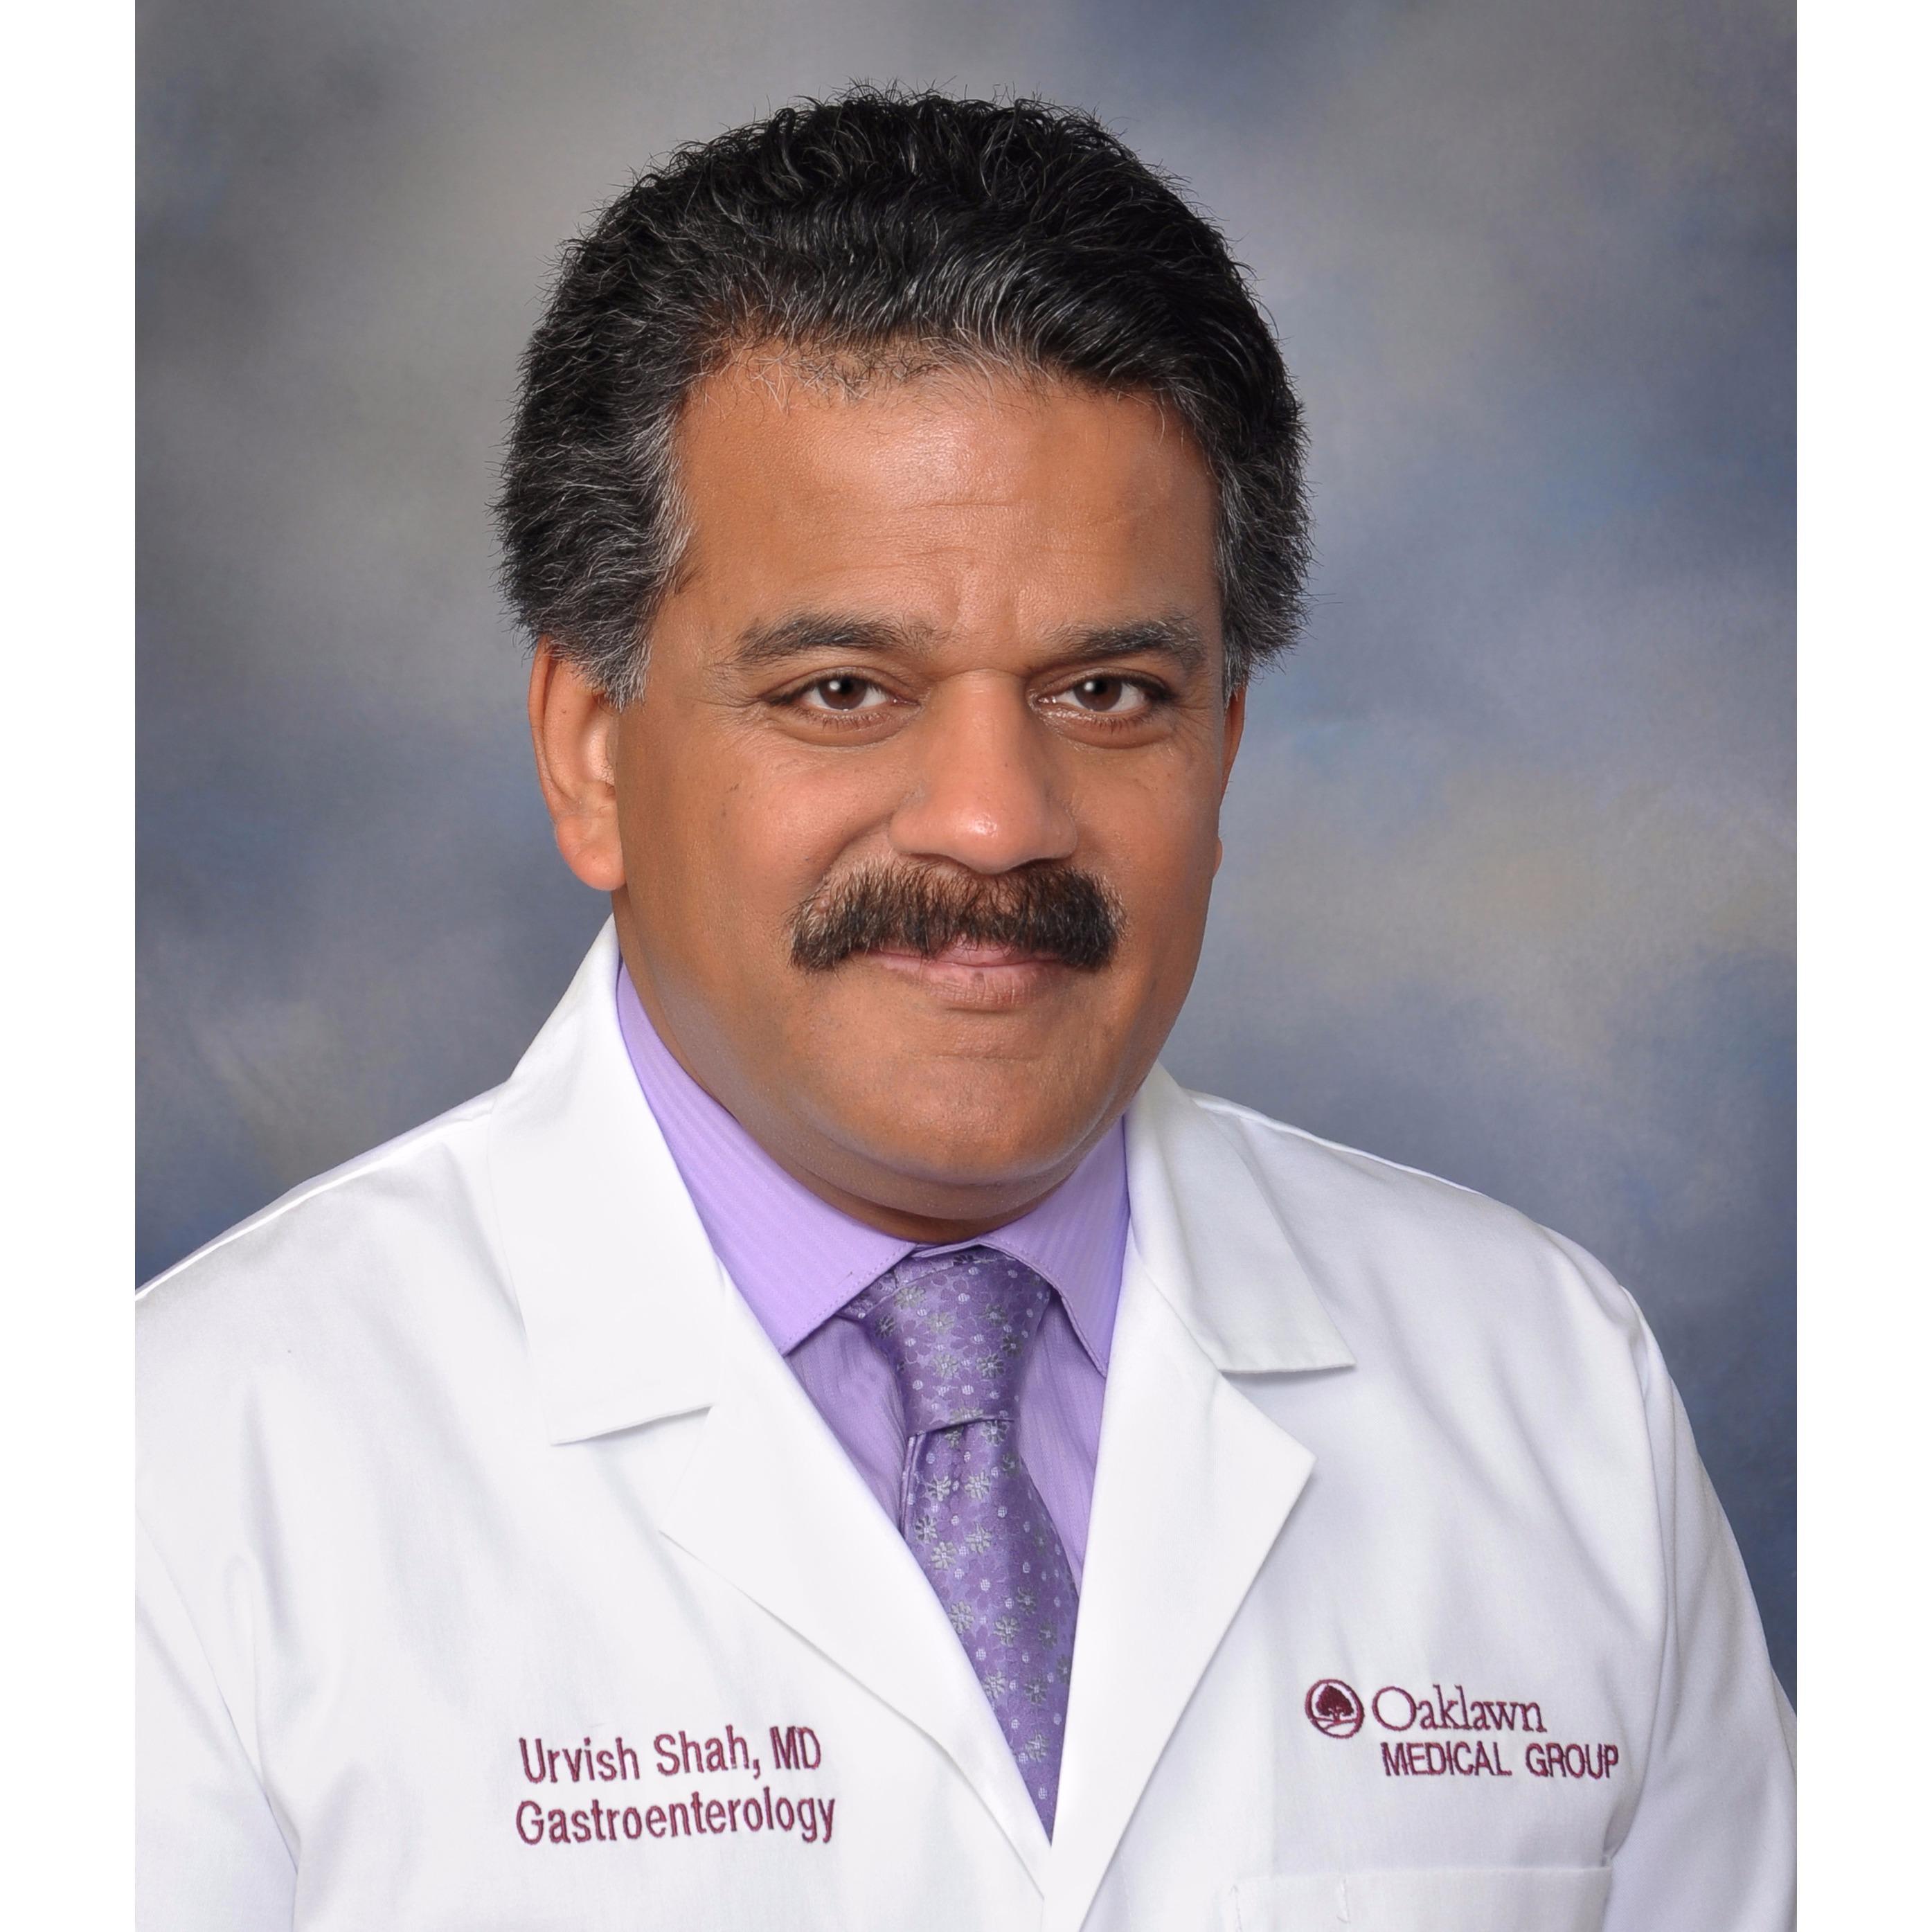 Dr. Urvish K Shah MD Reviews